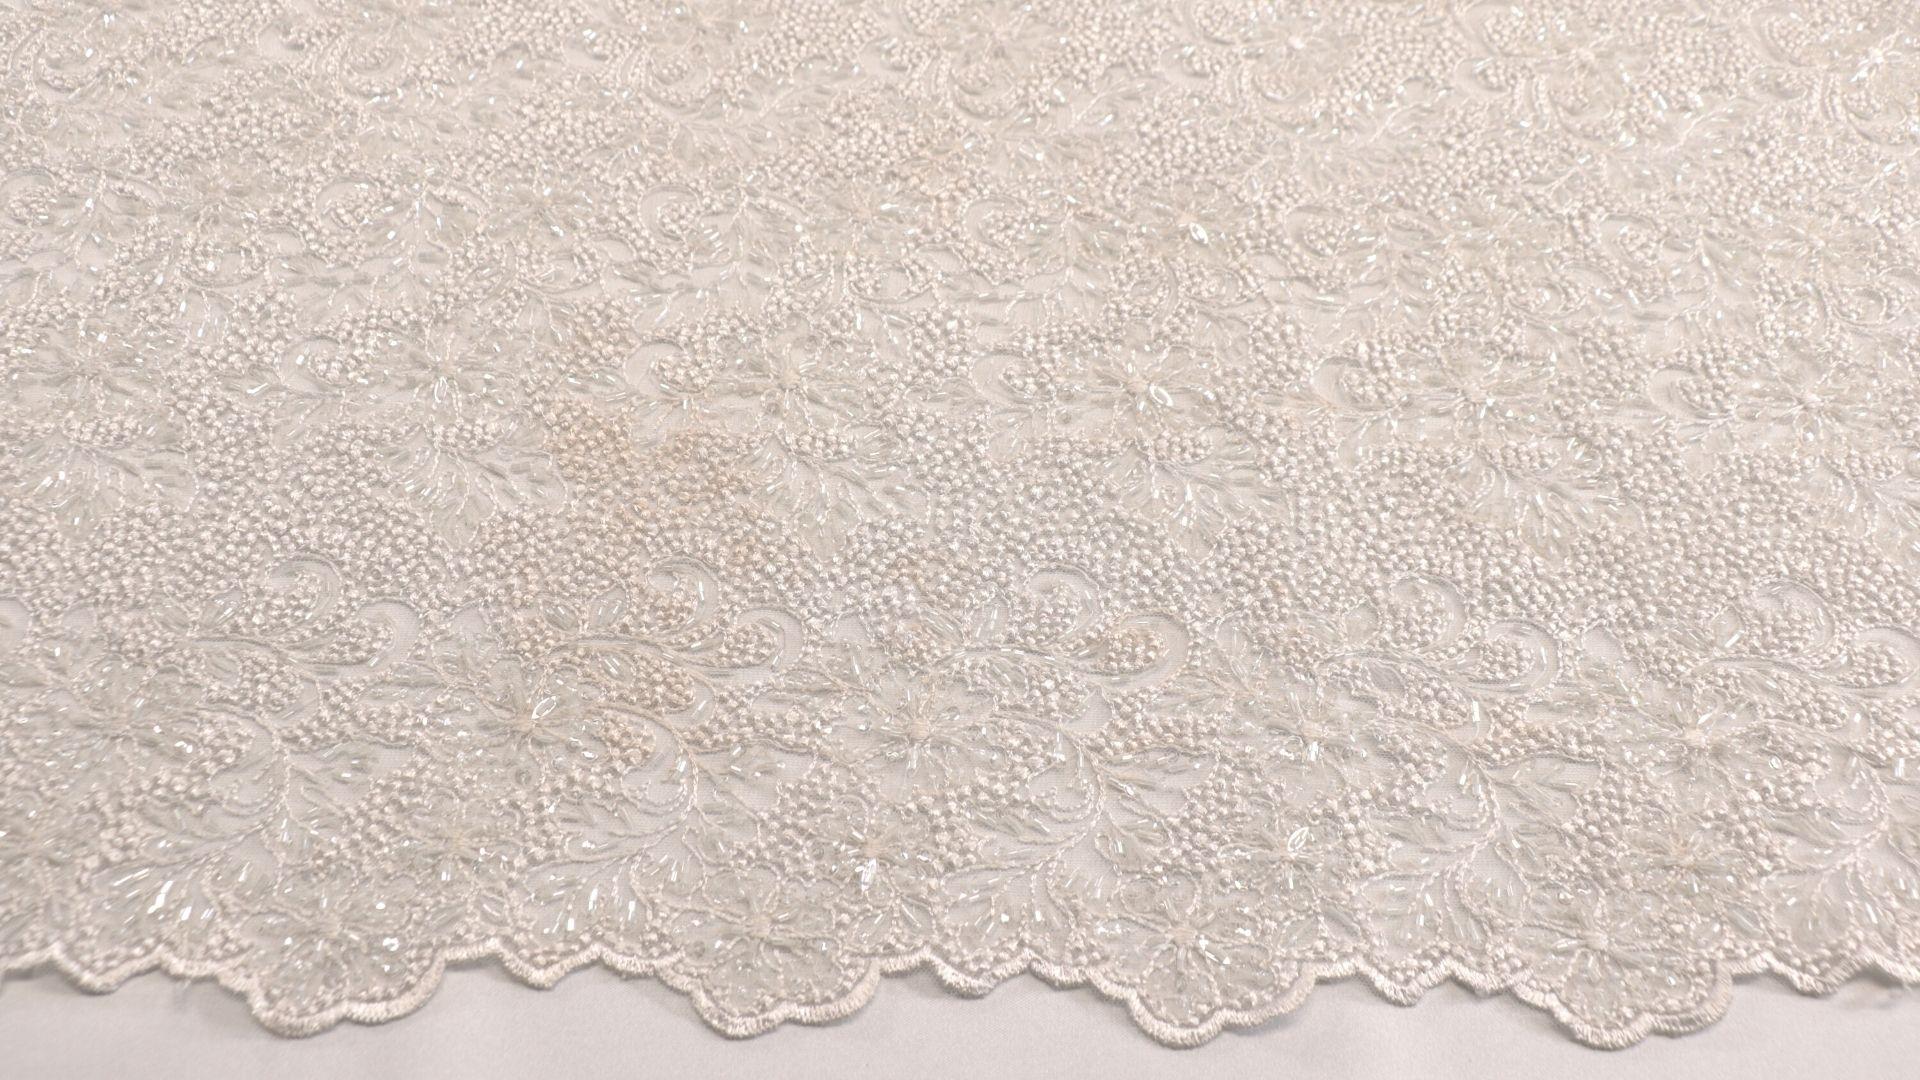 il particolare del tessuto dr7086, appartenente alla categoria ricami con accessori, di Leadford & Logan